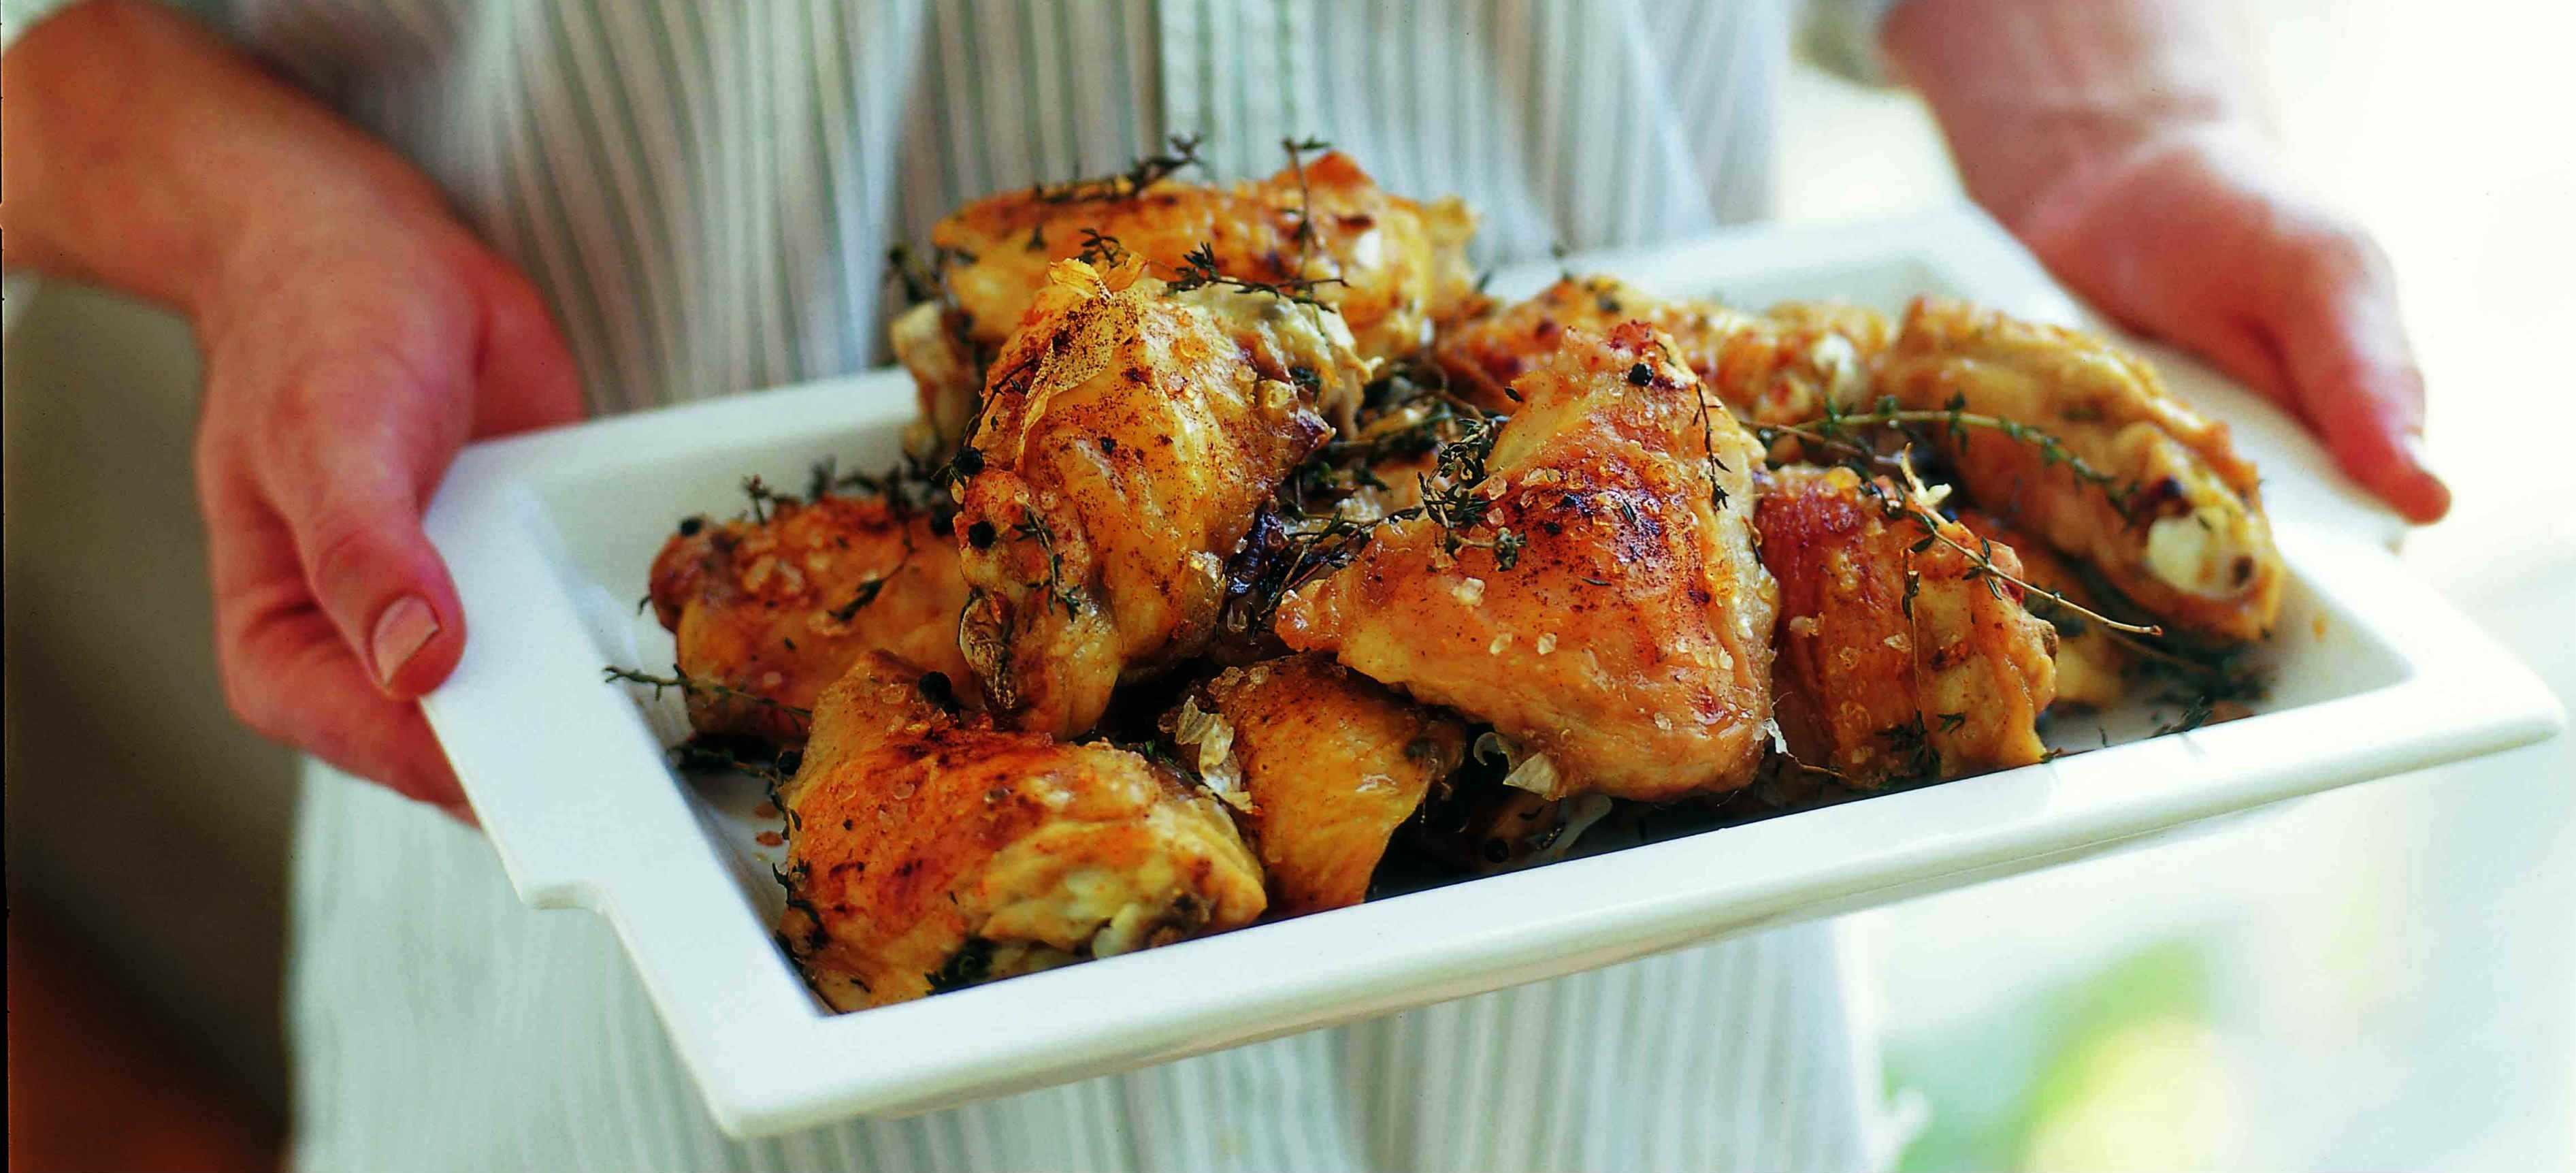 Salt-roast chicken